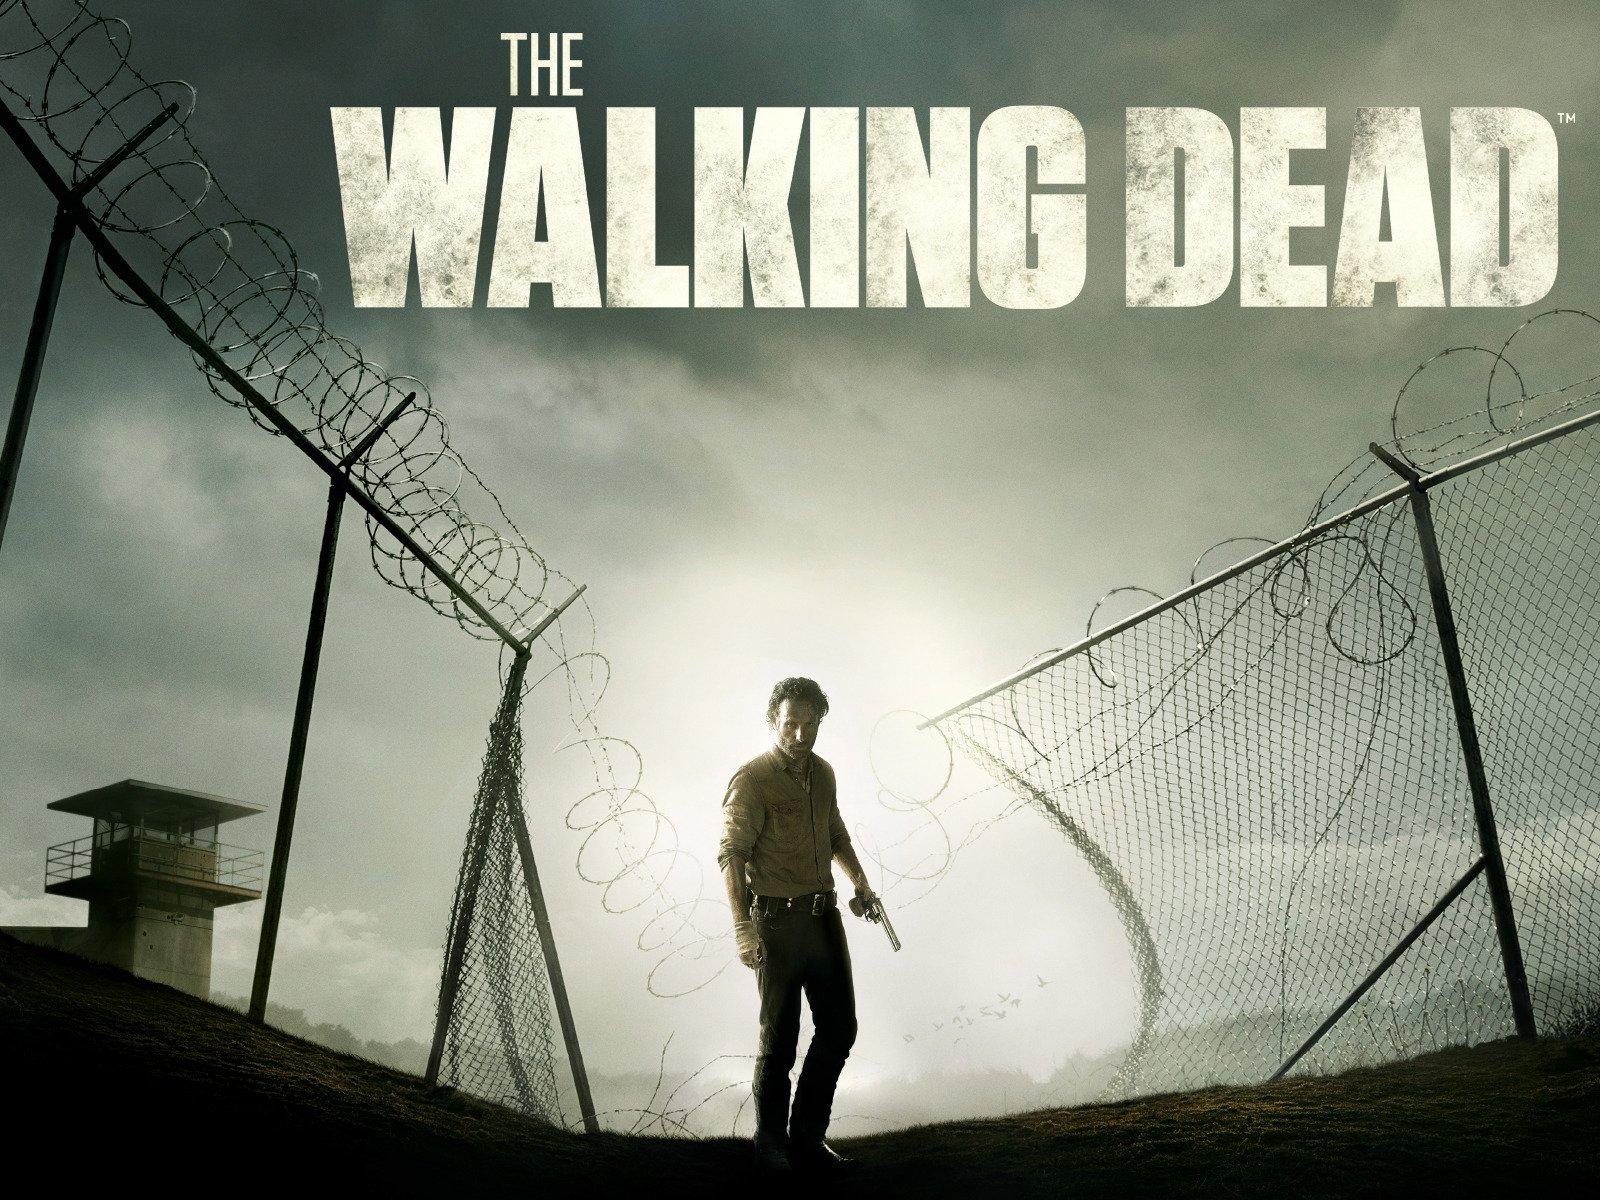 download walking dead season 1 episode 2 sub indo